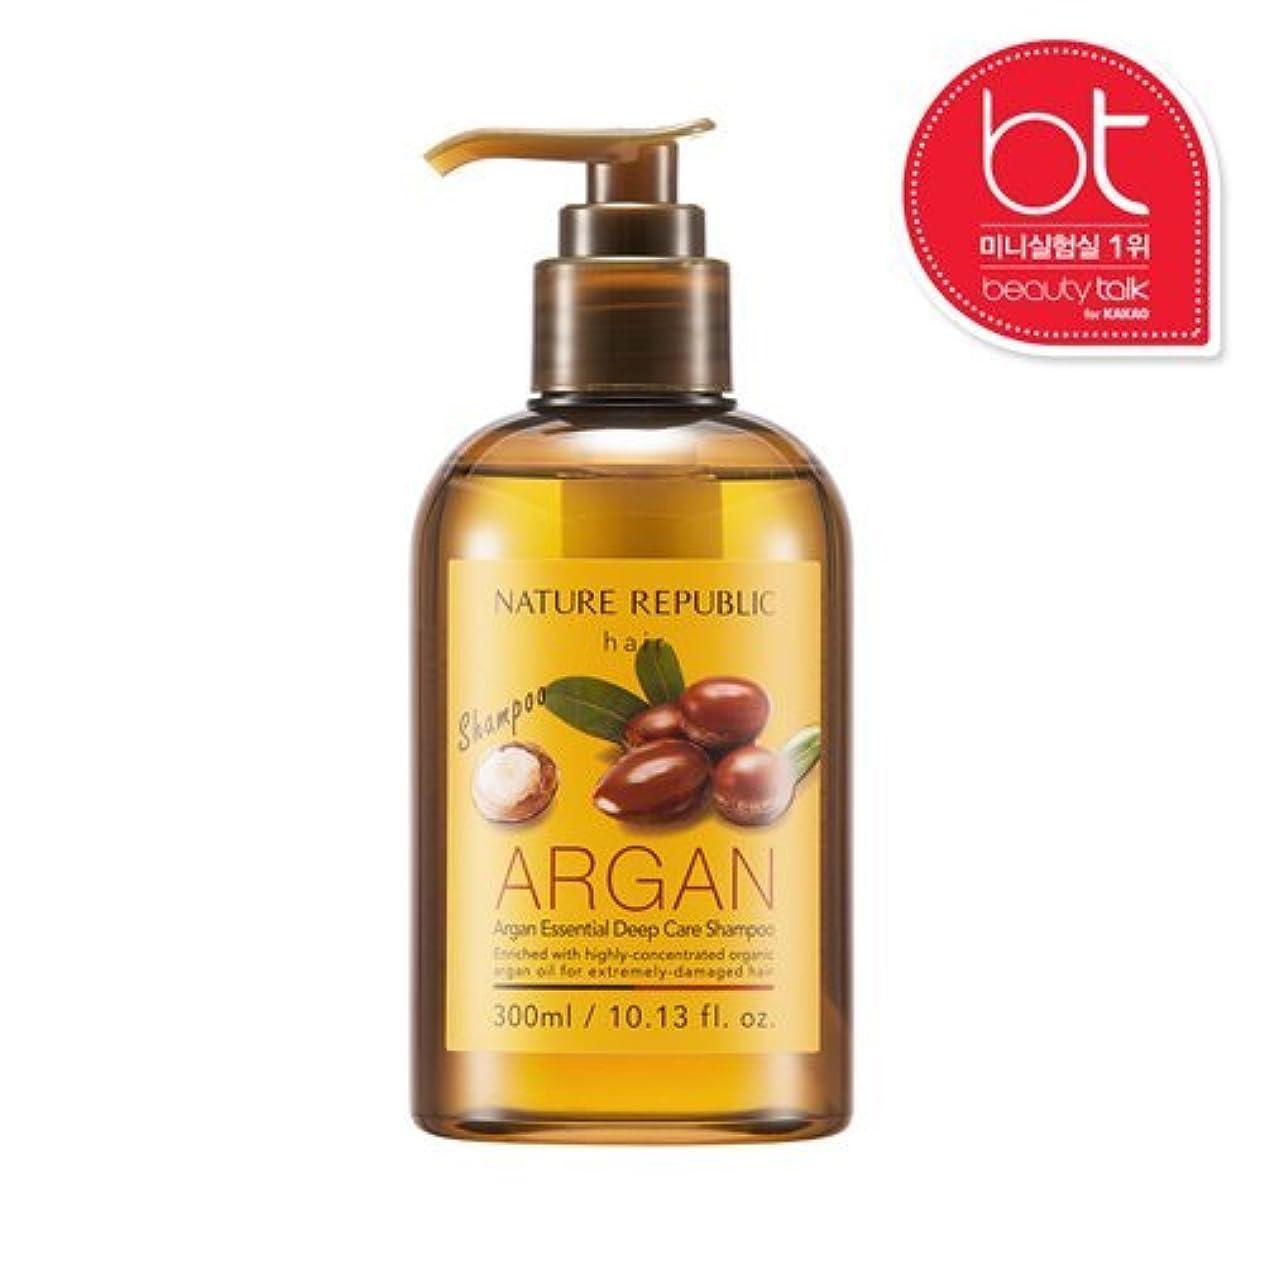 喉頭削減動物(NATURE REPUBLIC ネイチャーリパブリック) ARGAN Essential Deep Care Shampoo アルガン エッセンシャル ディープ ケア シャンプー